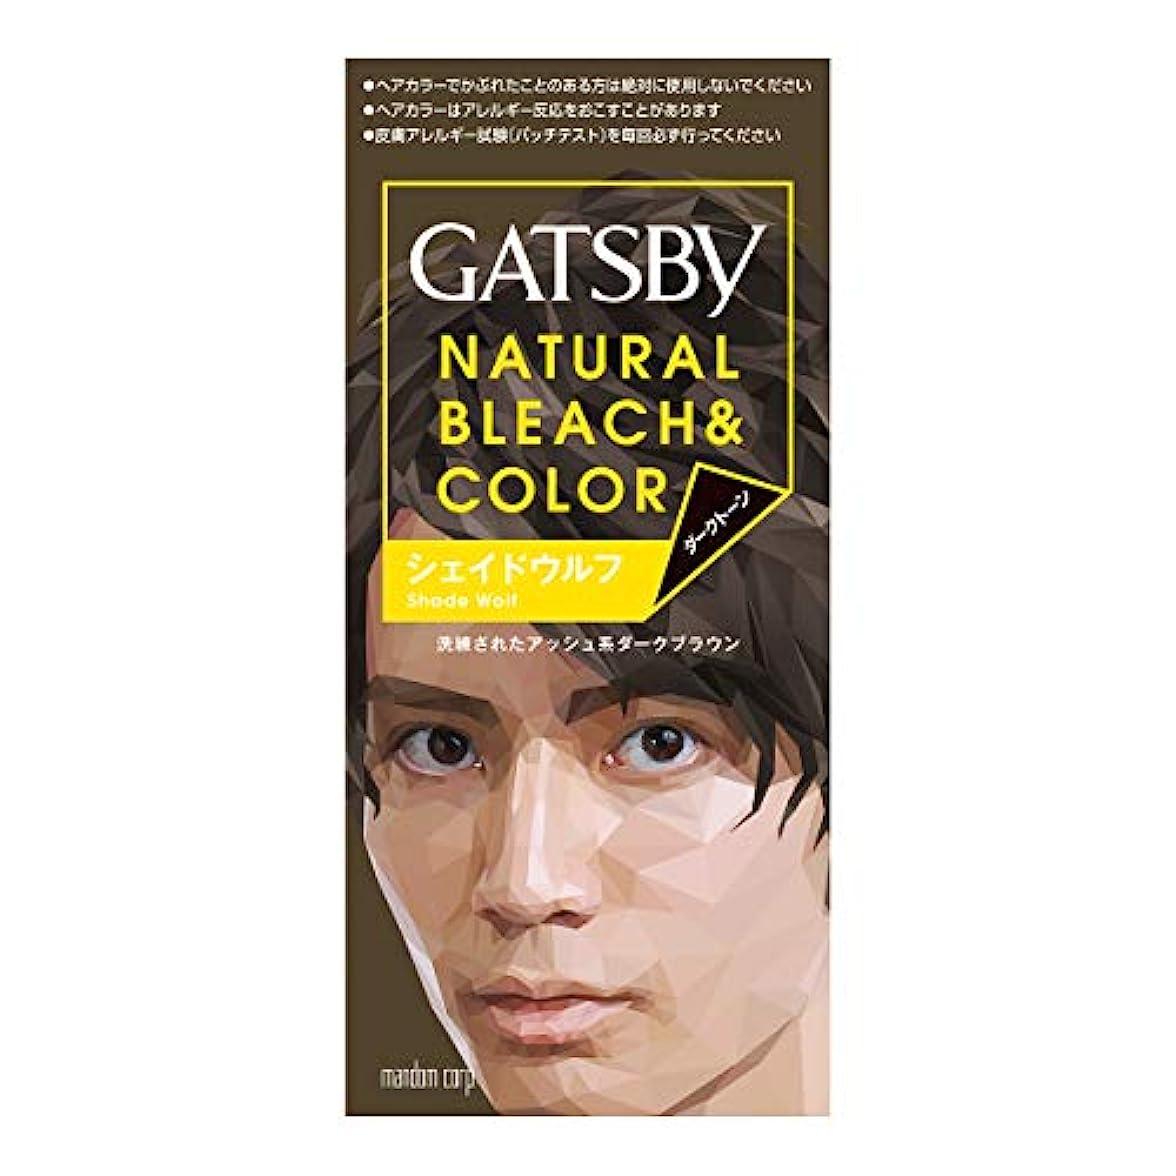 解釈的背景弾薬GATSBY(ギャツビー) ナチュラルブリーチカラー シェイドウルフ 1剤35g 2剤70mL (医薬部外品)